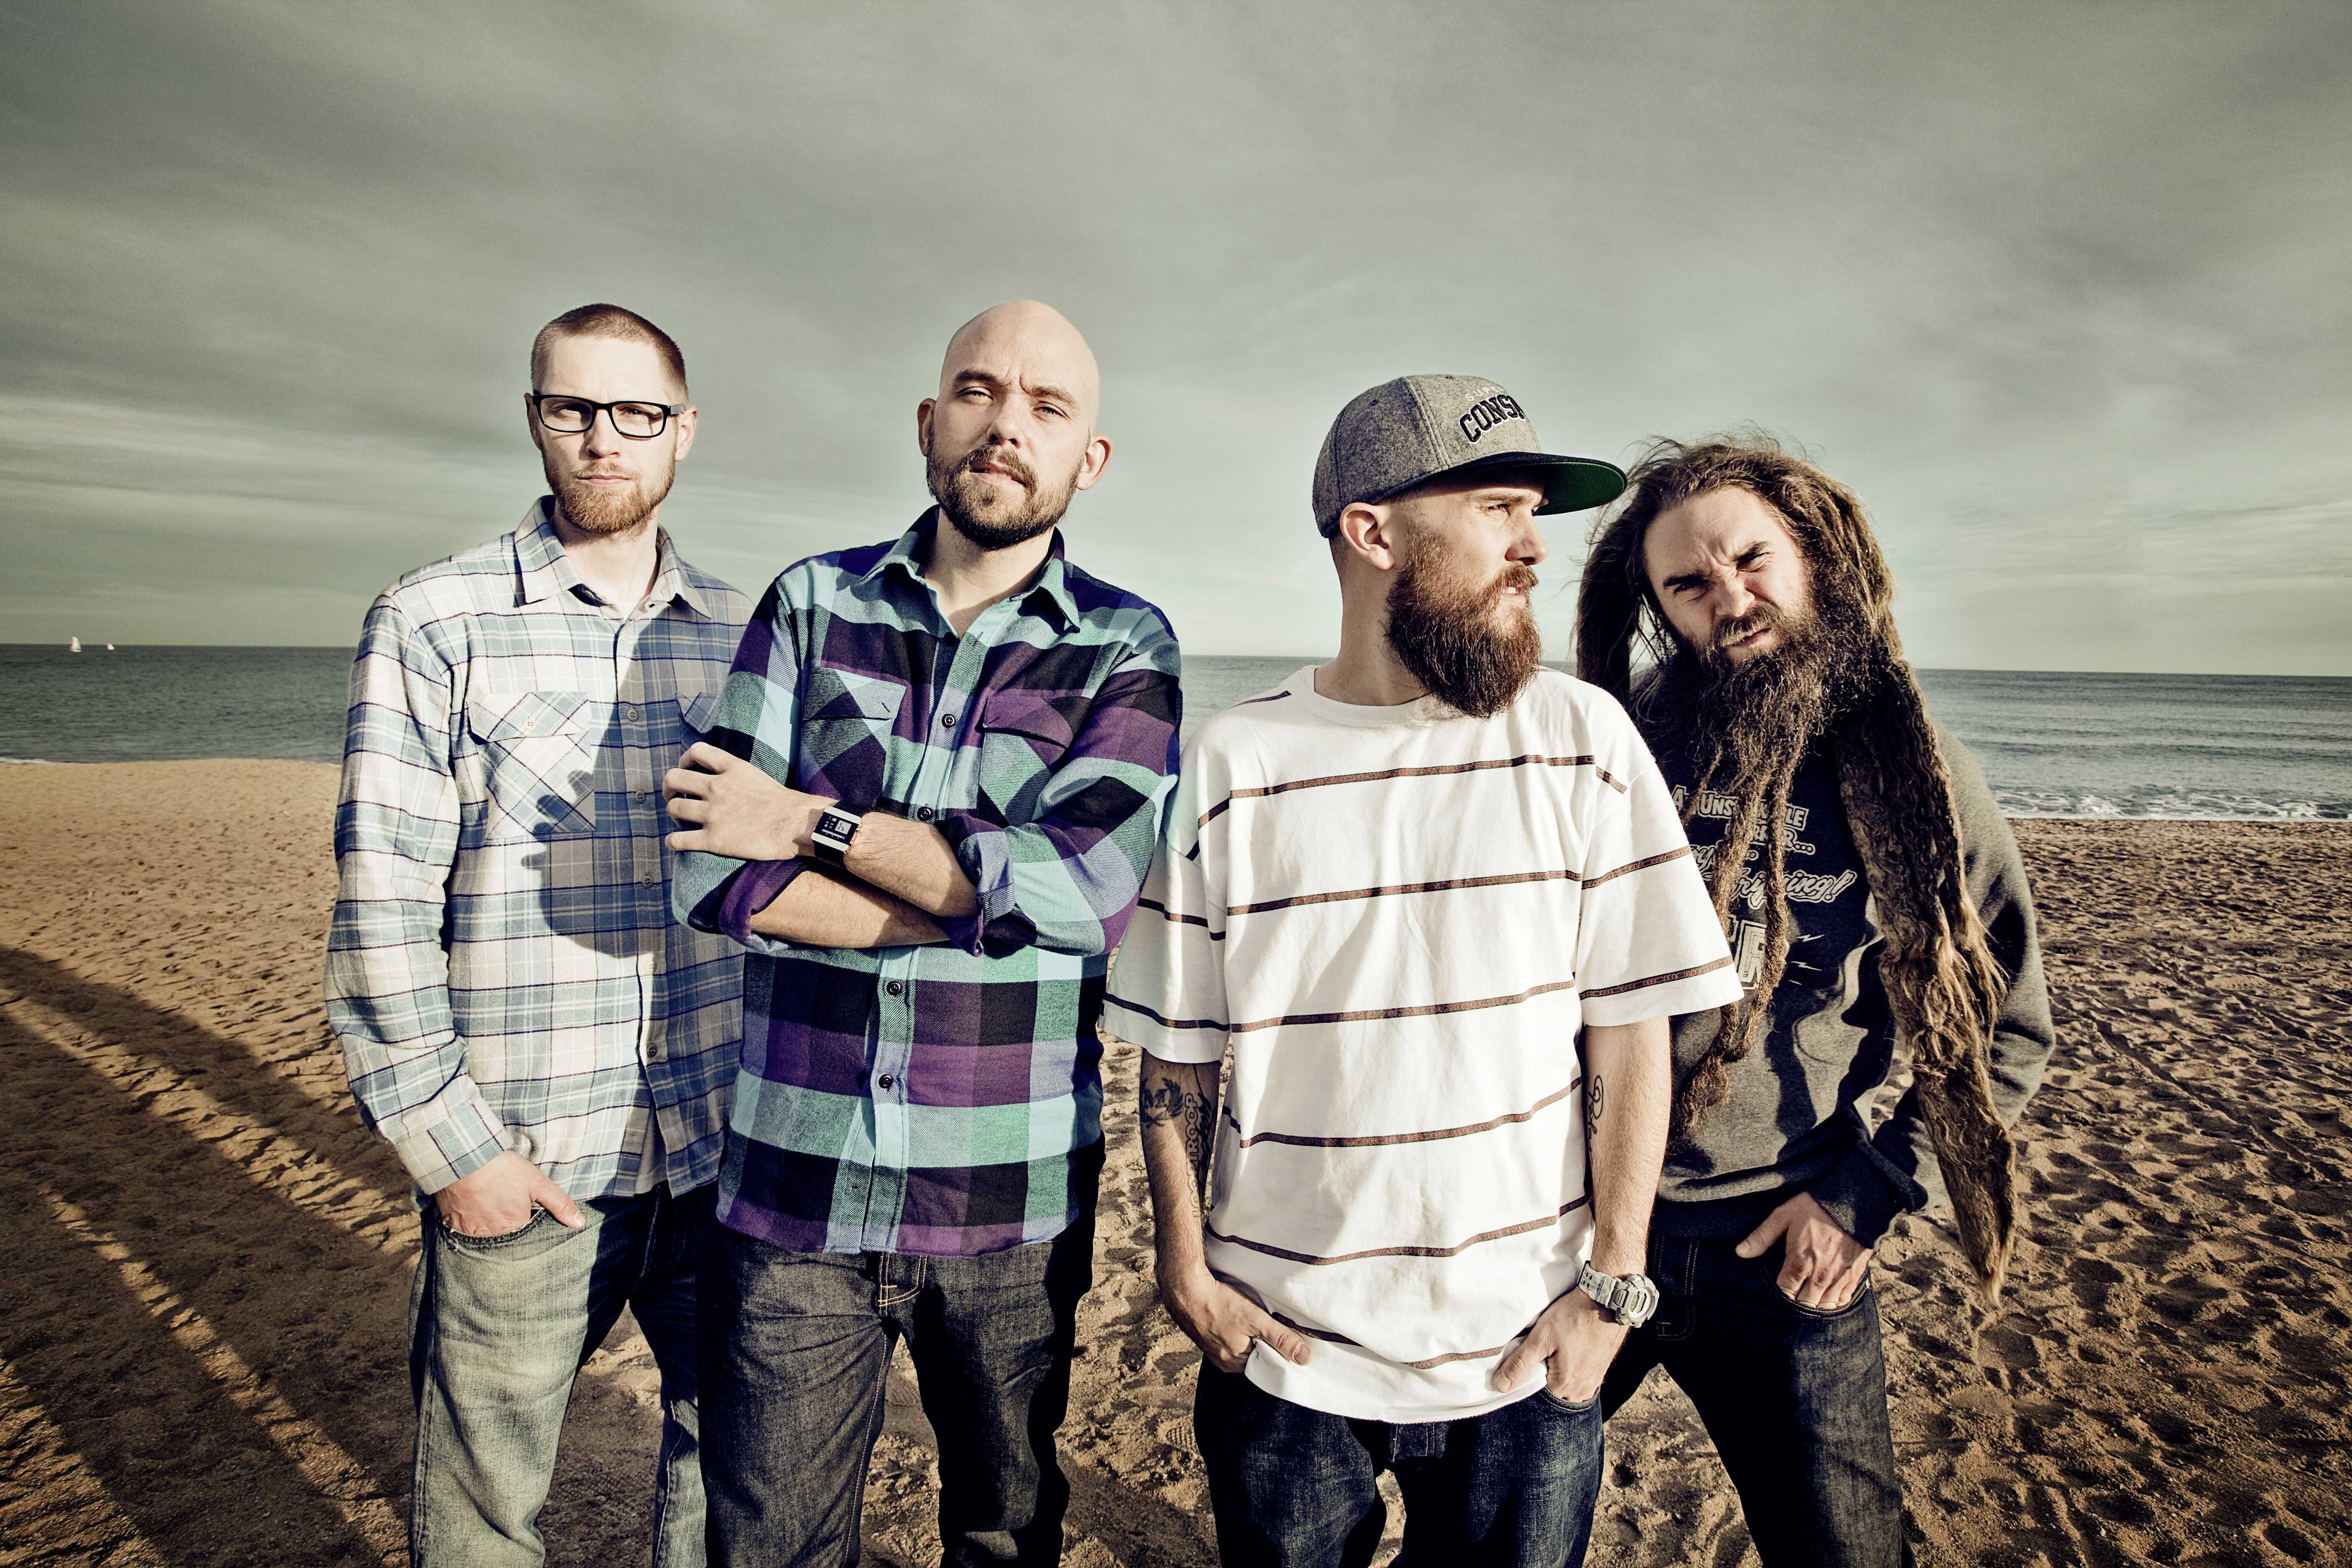 http://www.ilosaarirock.fi/2012/media/images/press/looptroop_rockers.jpg